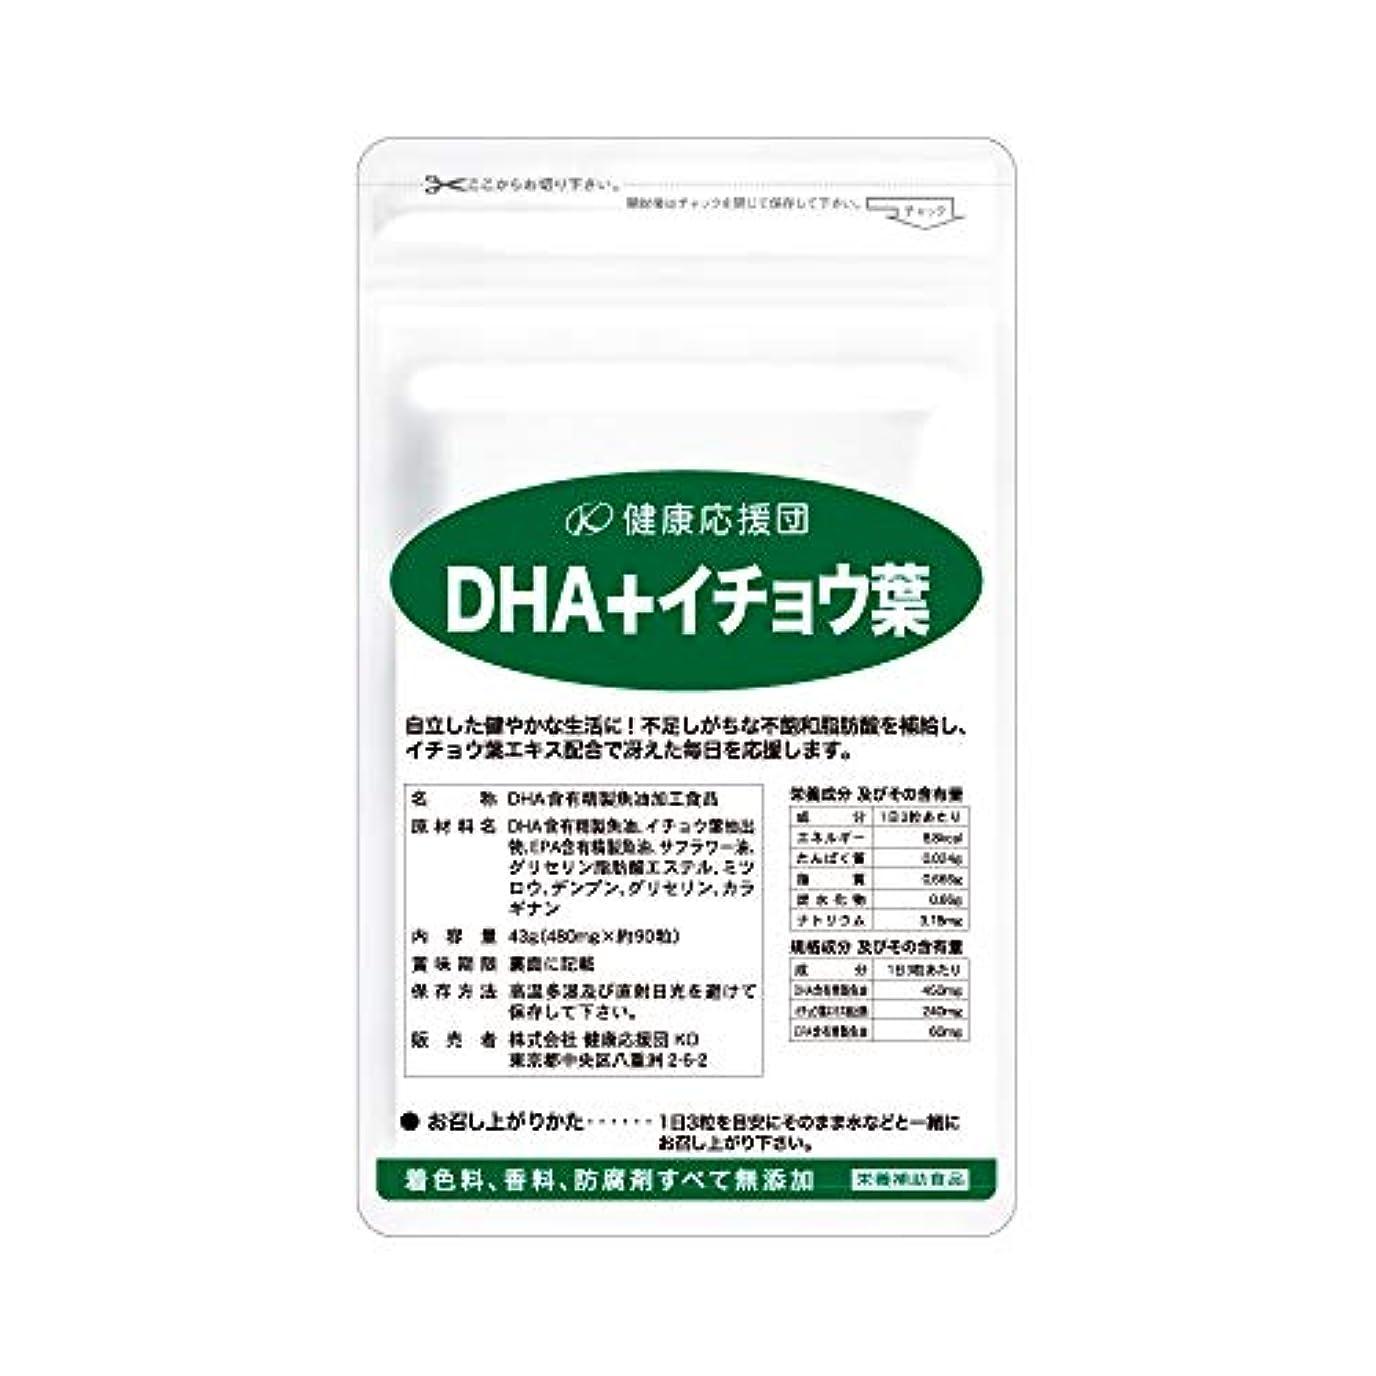 ソーシャルサスティーンフォアタイプ30日分 DHA+イチョウ葉 (90粒) 植物ソフトカプセル